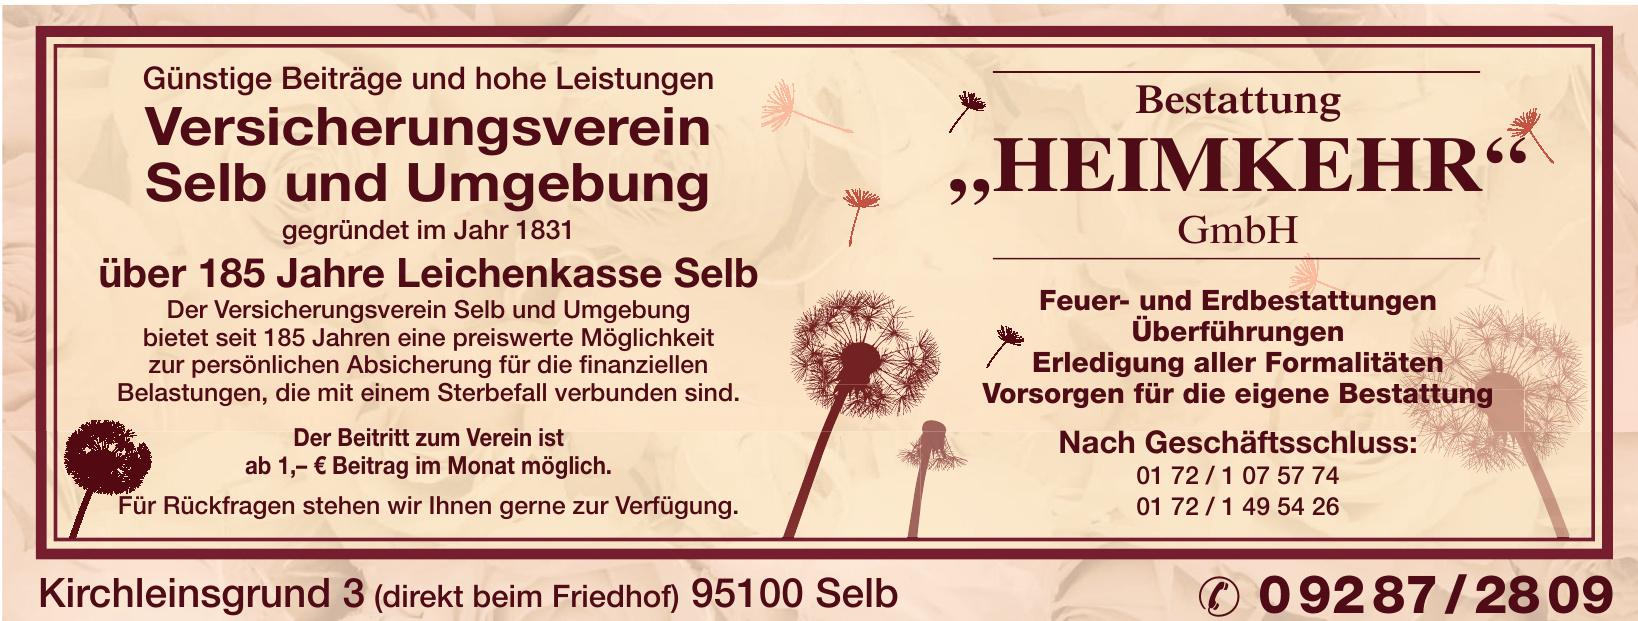 Bestattung Heimkehr GmbH